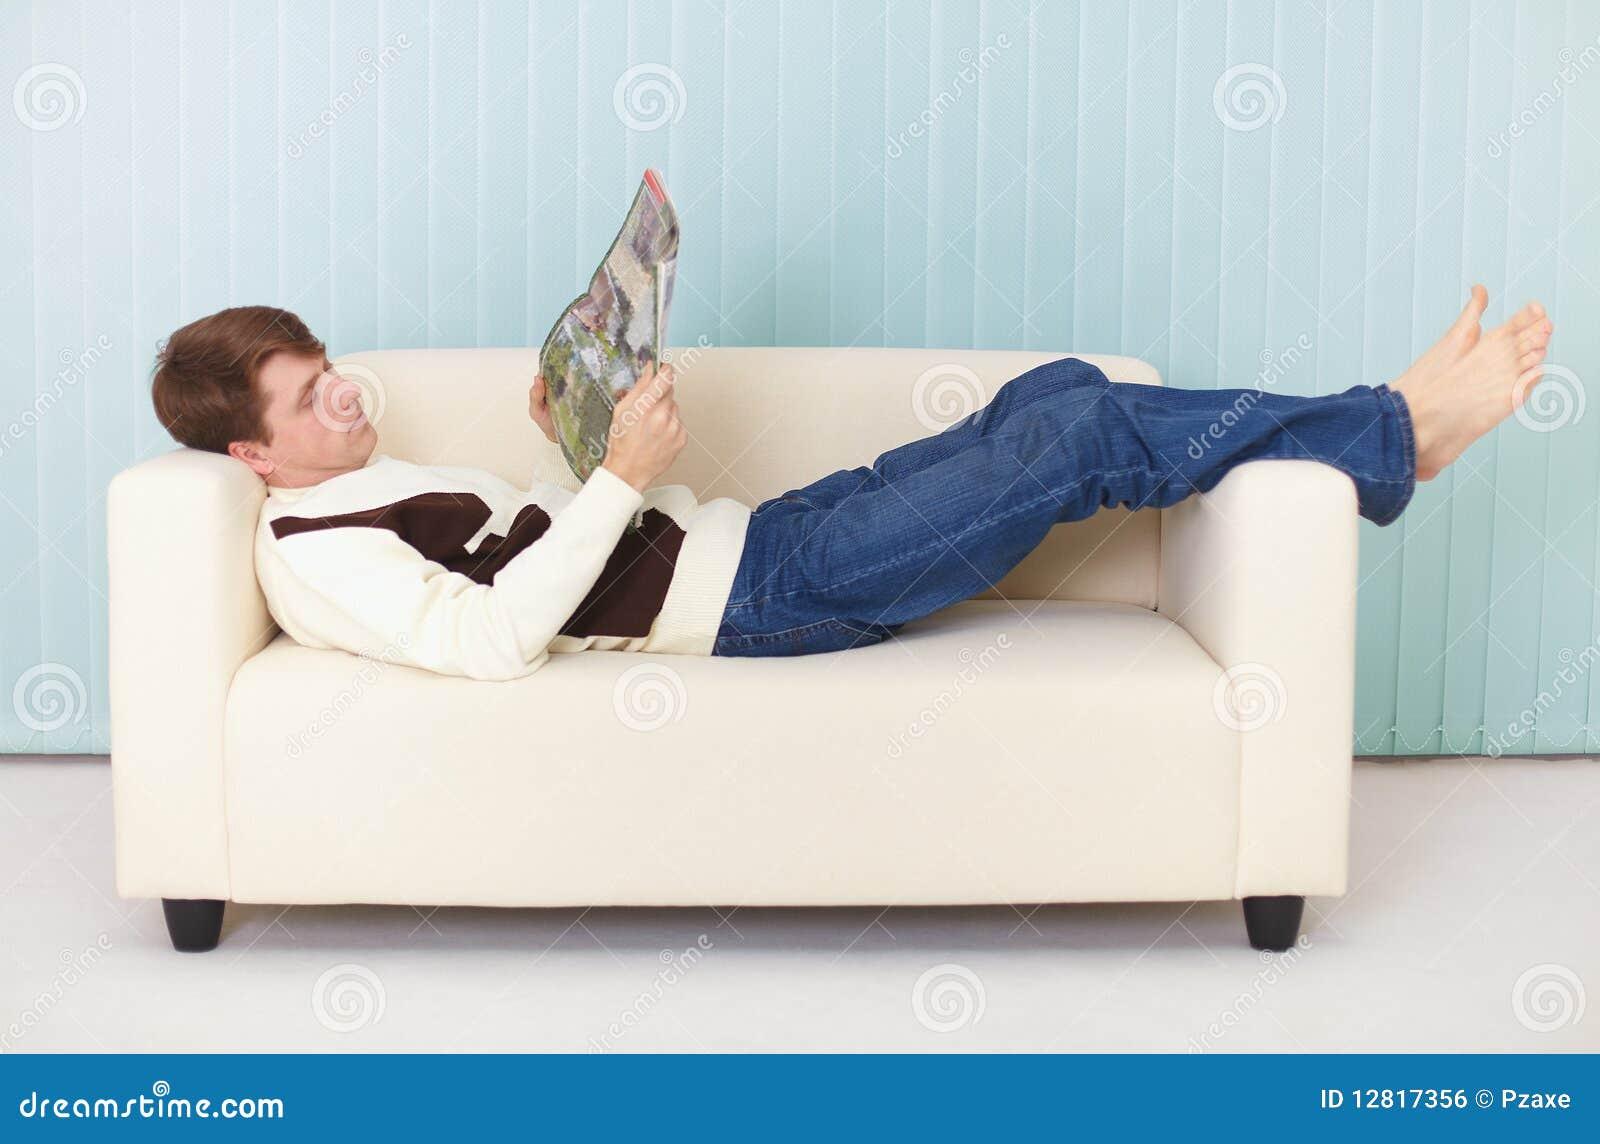 Фото мужик лежит на диване 16 фотография